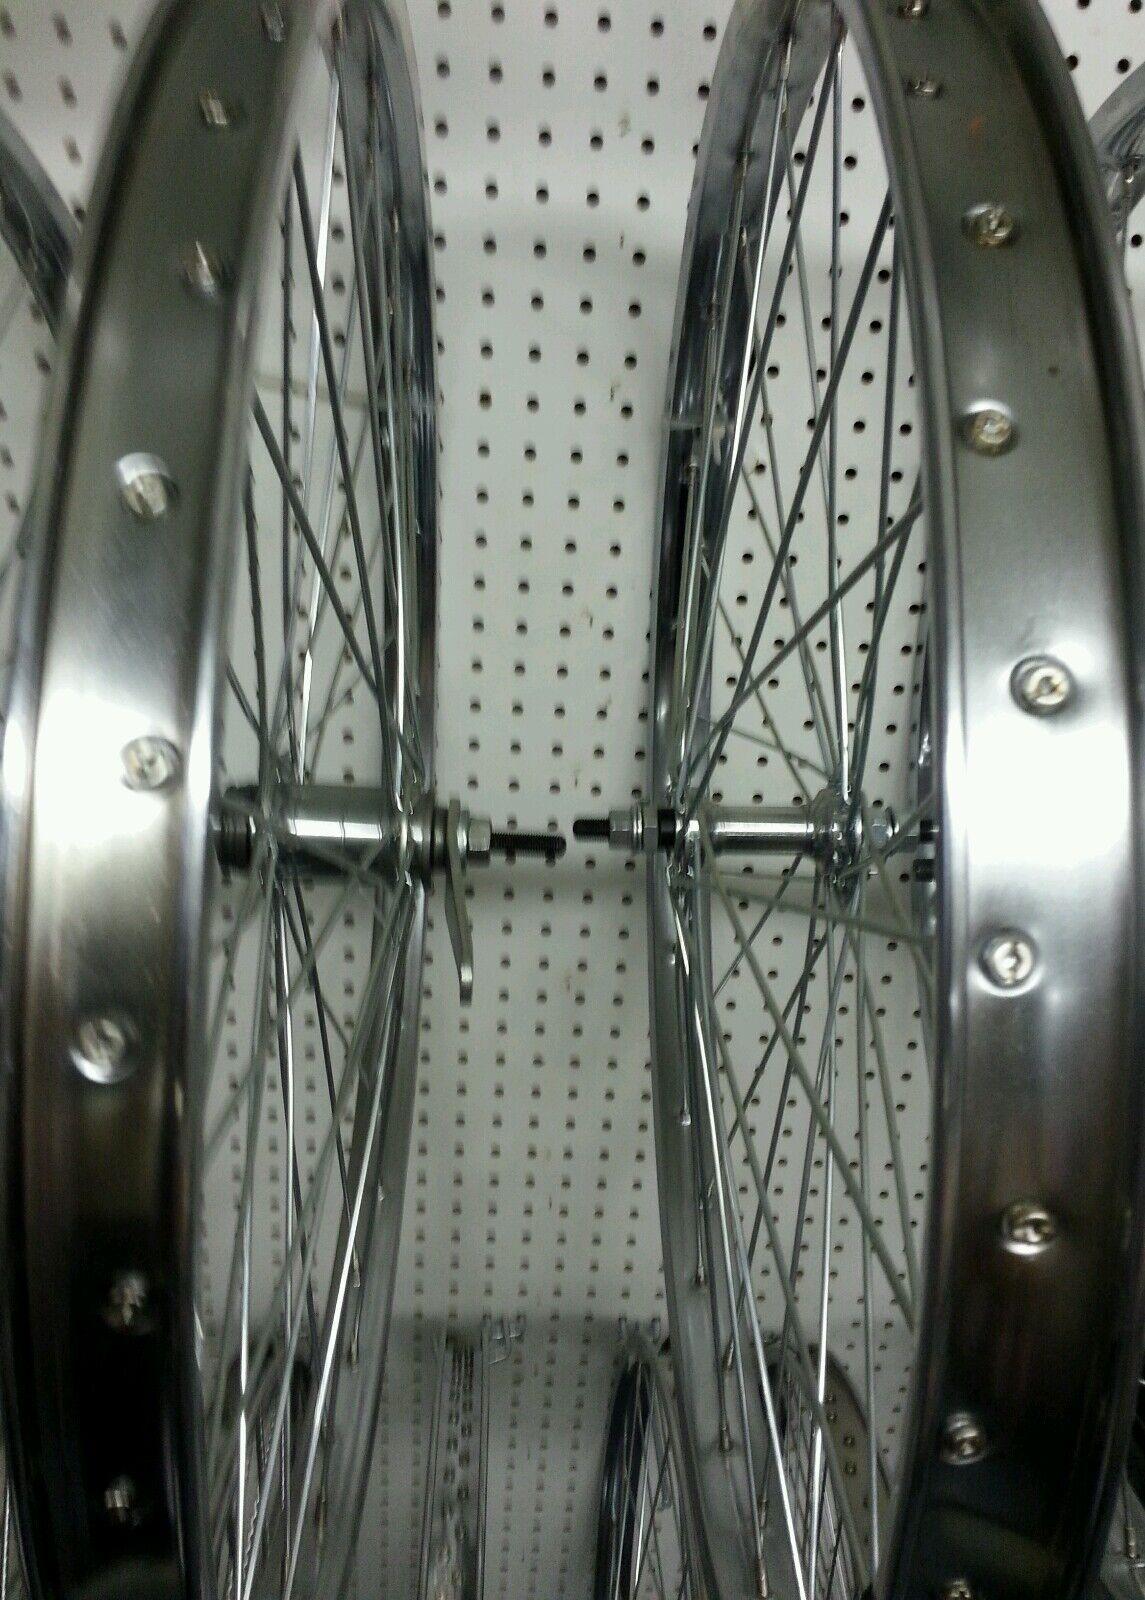 PAIR OF 24X2.125 BICYCLE STEEL WHEELS HEAVY DUTY COASTER BRAKE REAR 36 SP, 12 GA